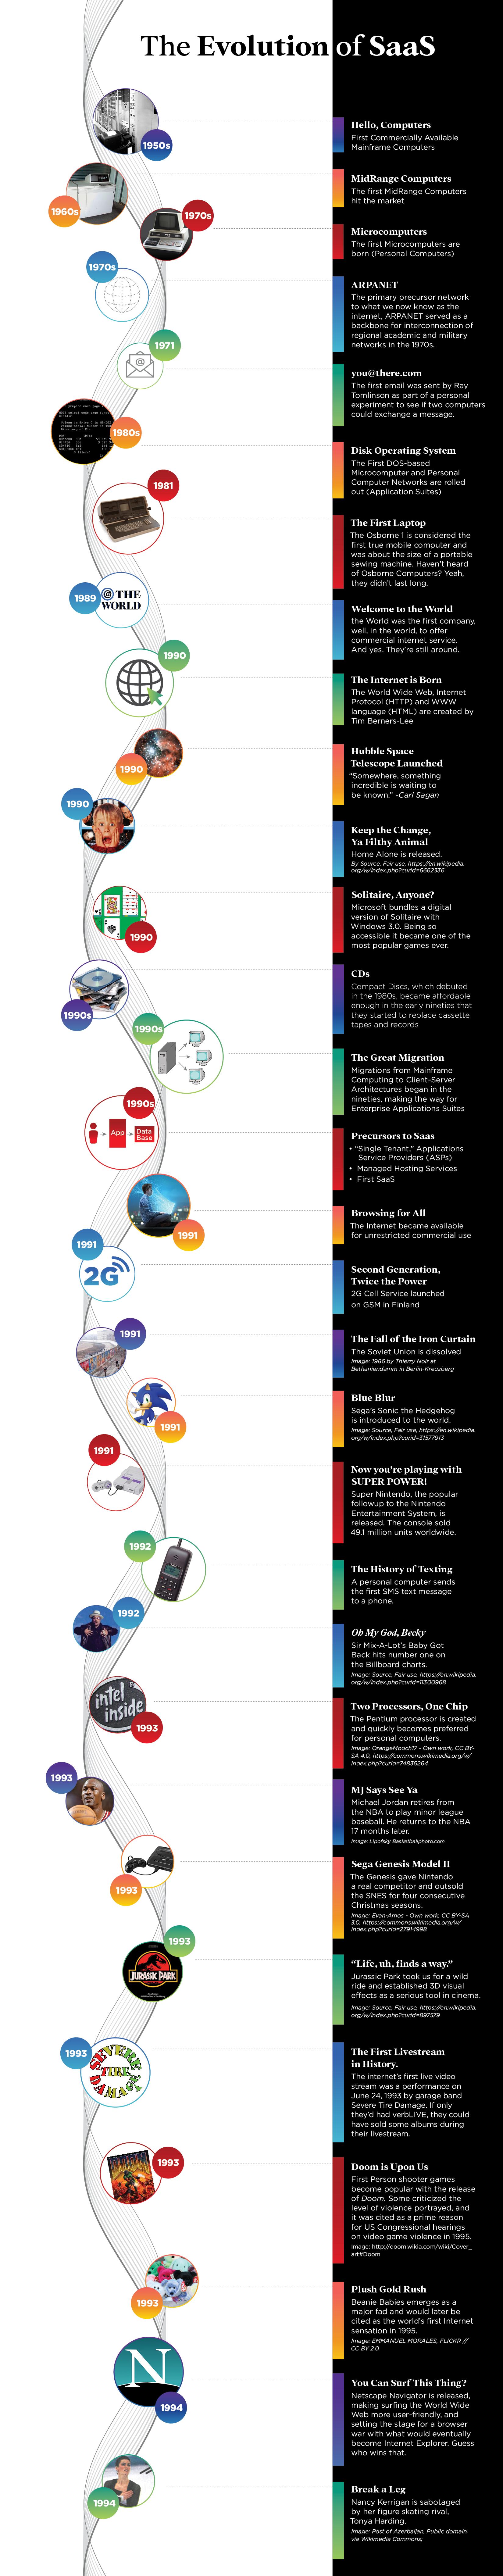 Evolution of SaaS Timeline